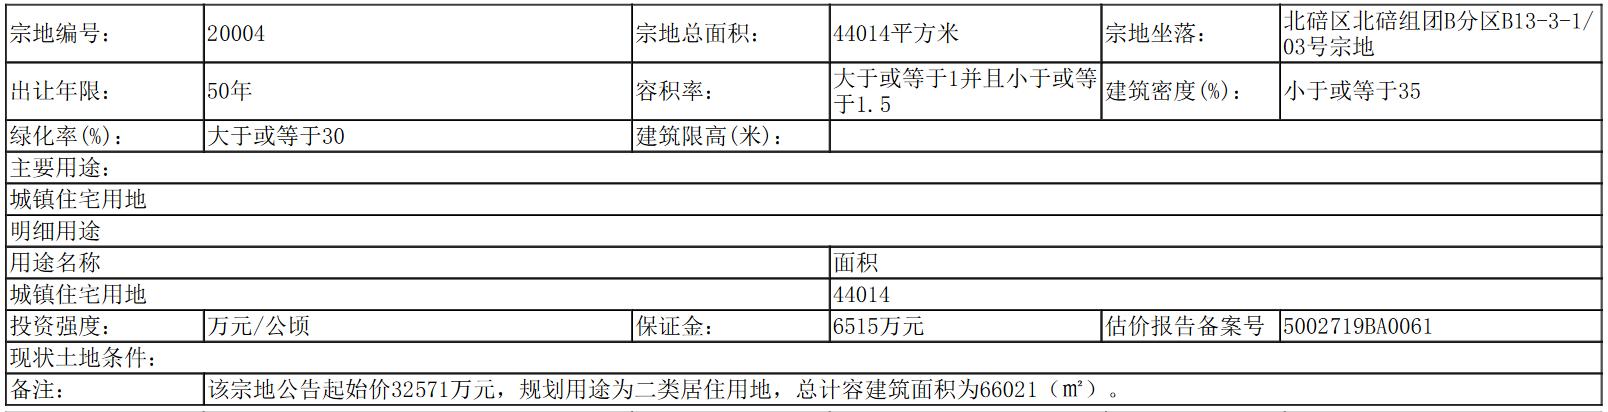 恒泰3.88亿元竞得重庆市北碚区一宗居住用地 溢价率19.12%